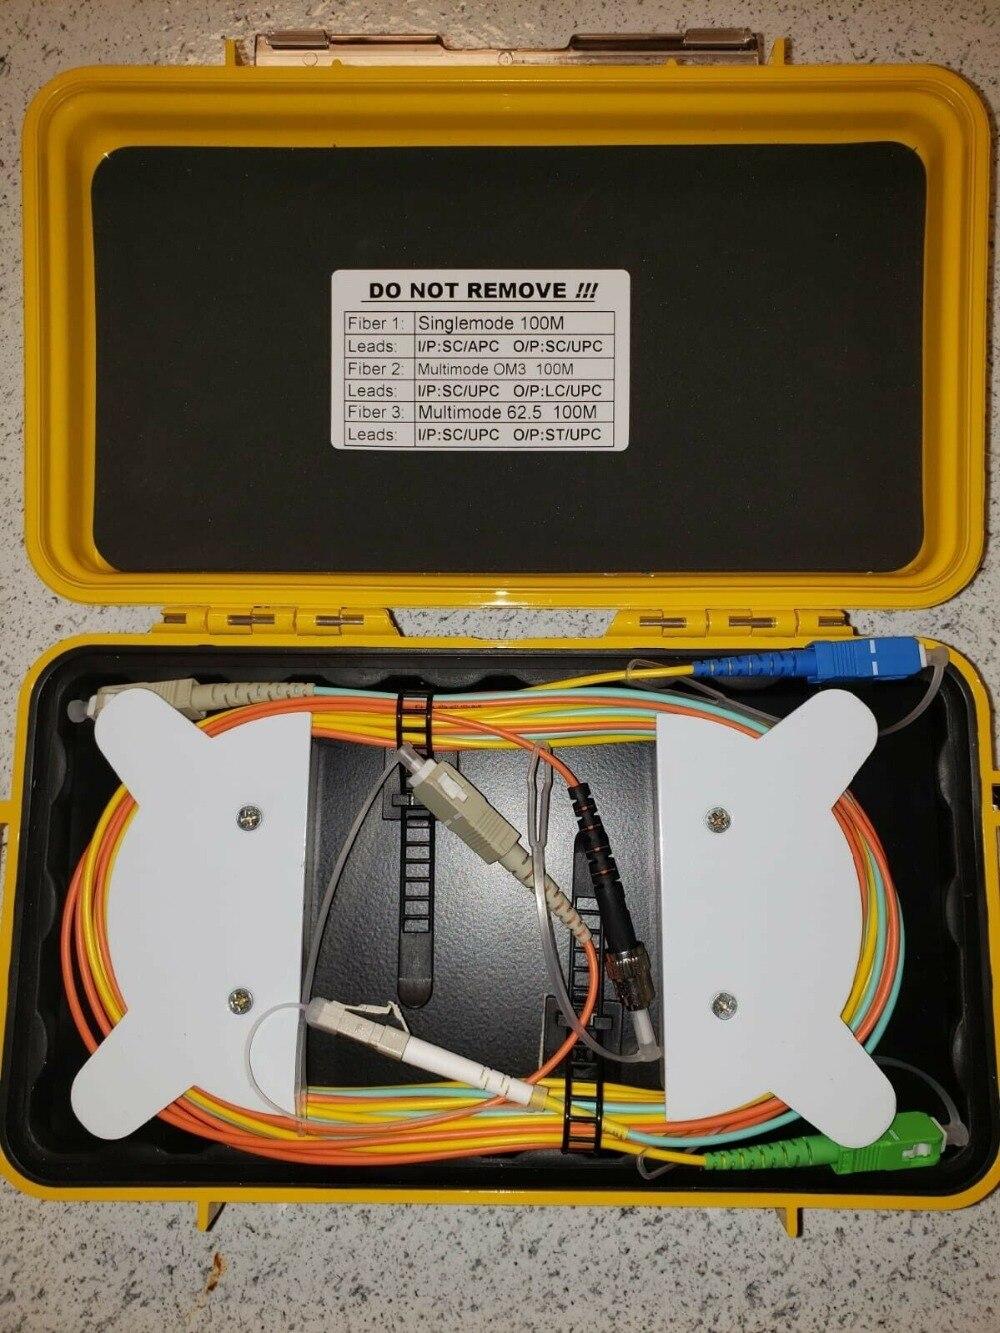 jyttek 3 in 1 SM 9/125 MM 62.5 OM3 100M Fiber Optical OTDR Launch Cable Box Fiber Rangs